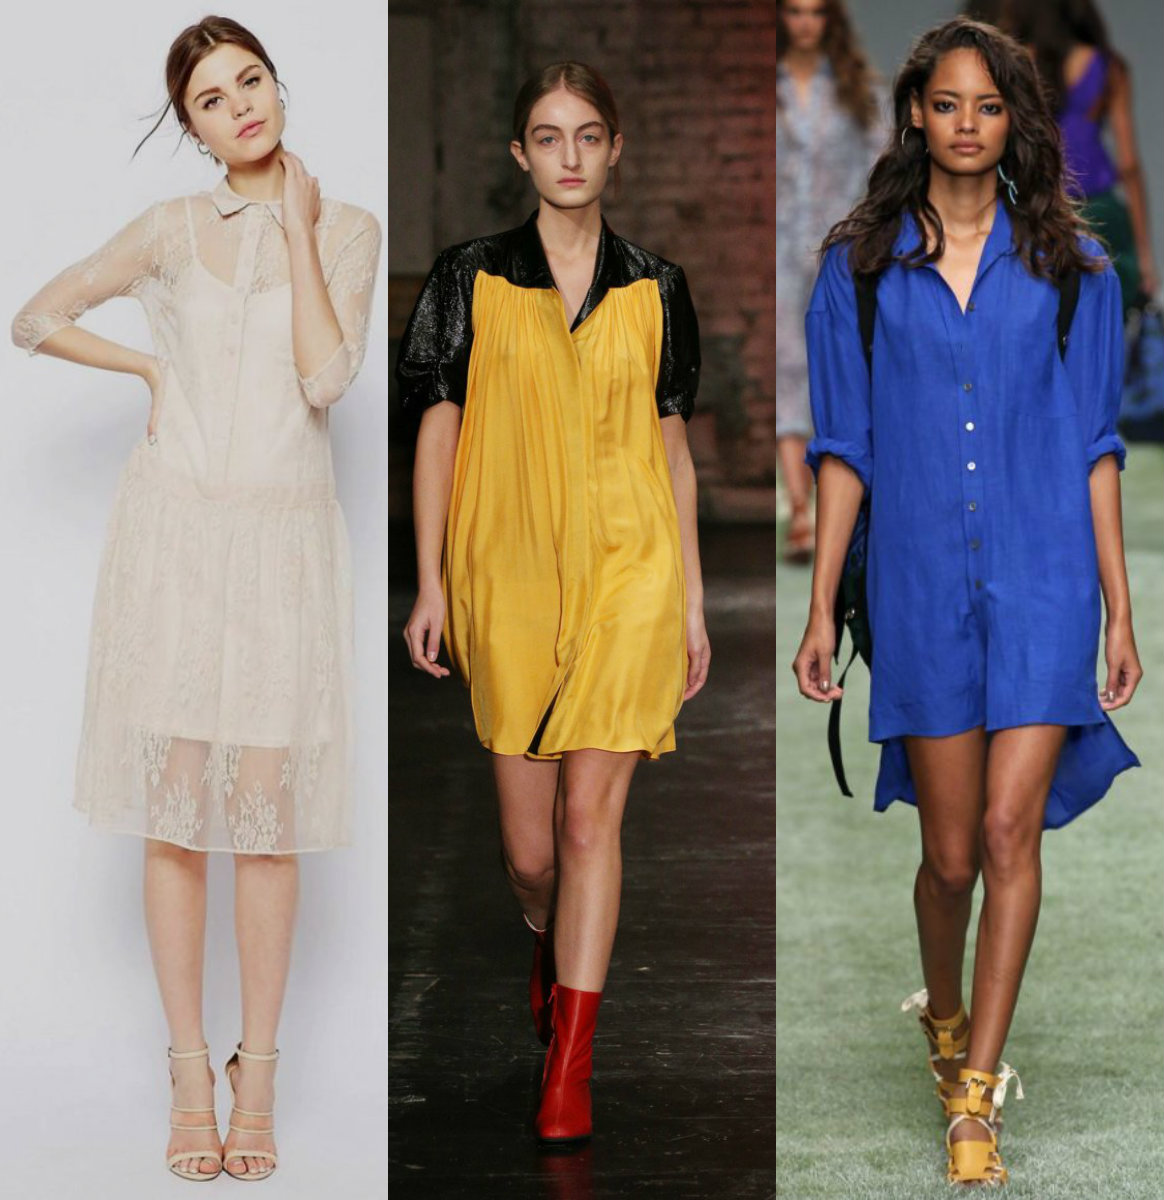 женская мода 2018 : яркие платья